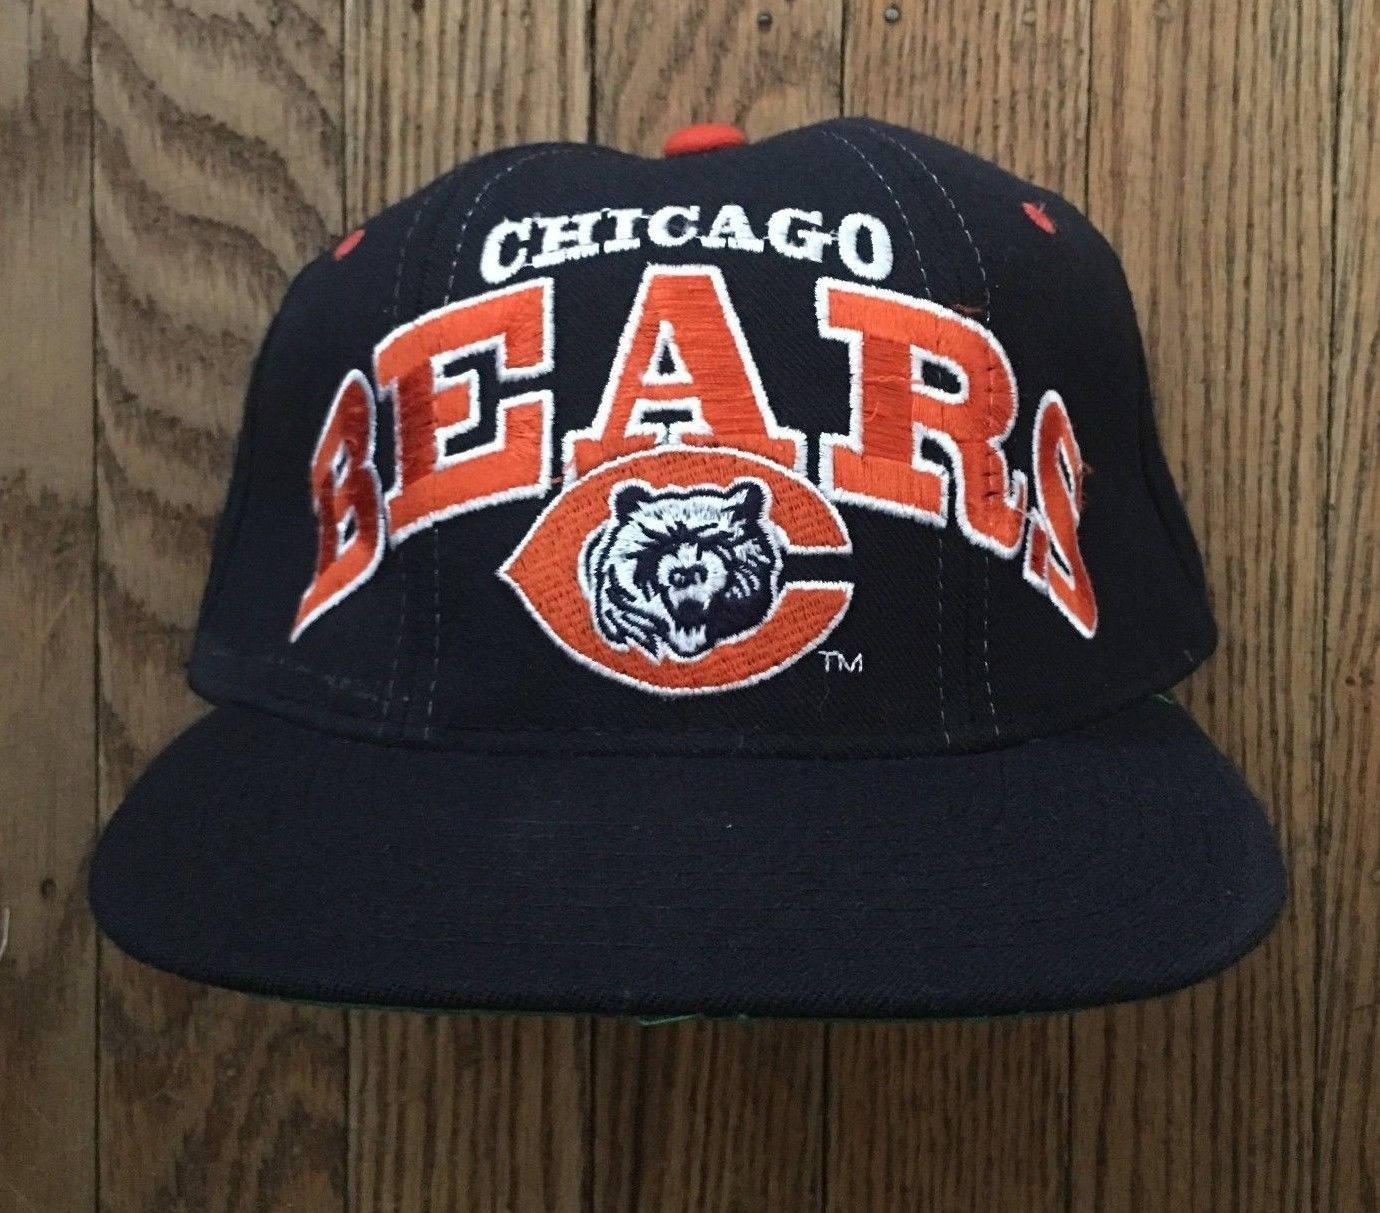 3b48e2adcea Vintage 90s Starter Chicago Bears NFL Snapback Hat Baseball Cap ...